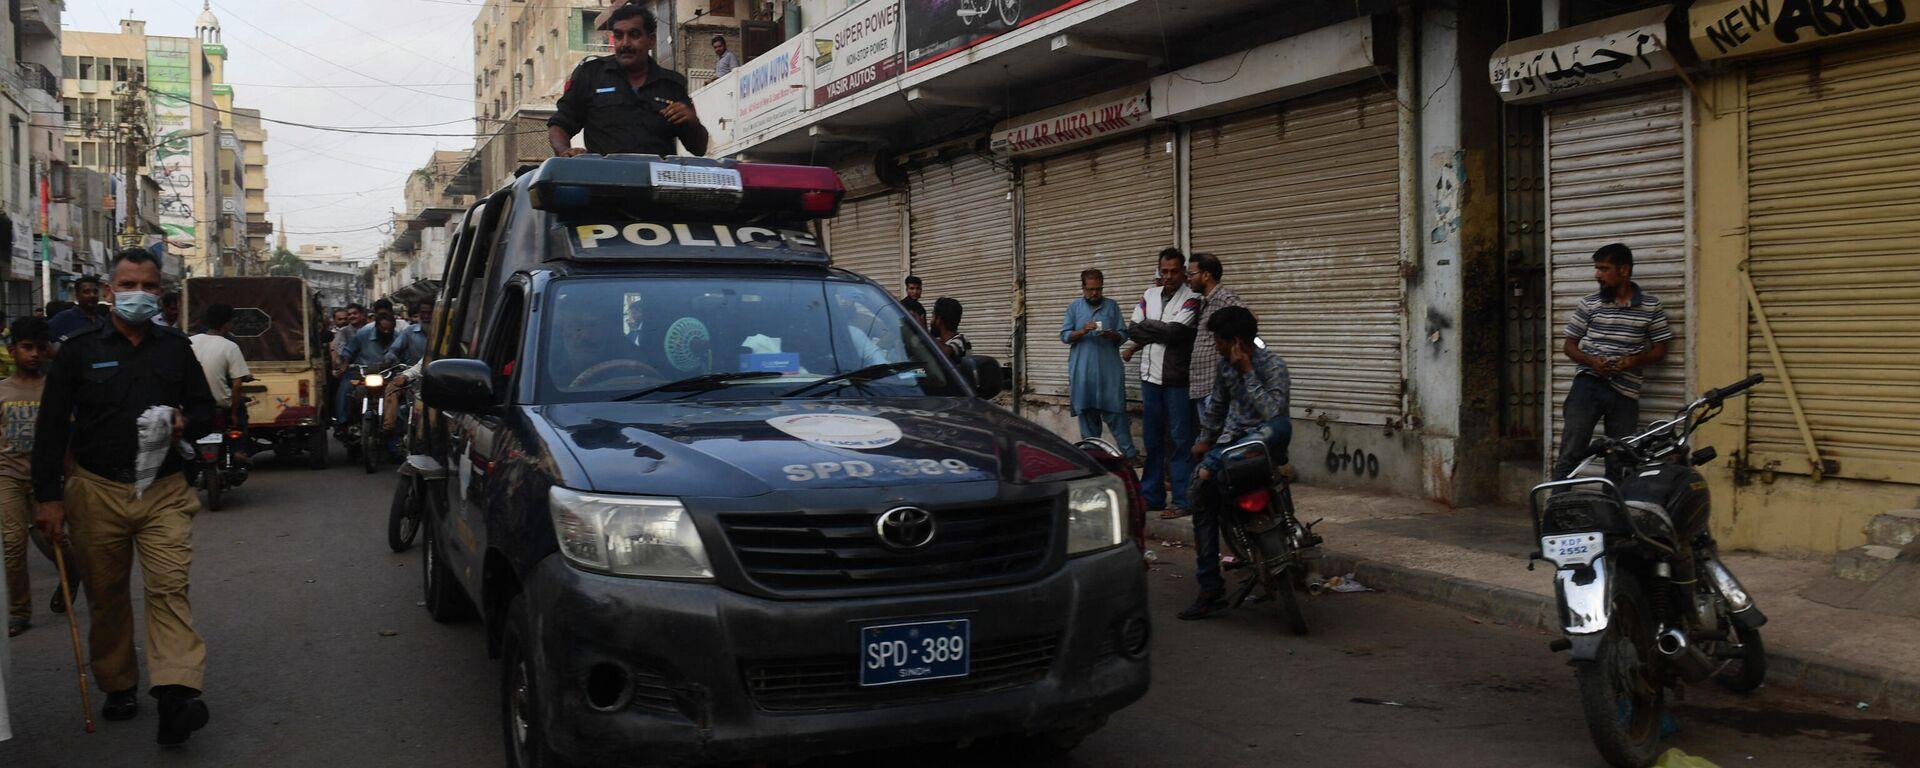 Pakistanische Polizei - SNA, 1920, 14.07.2021